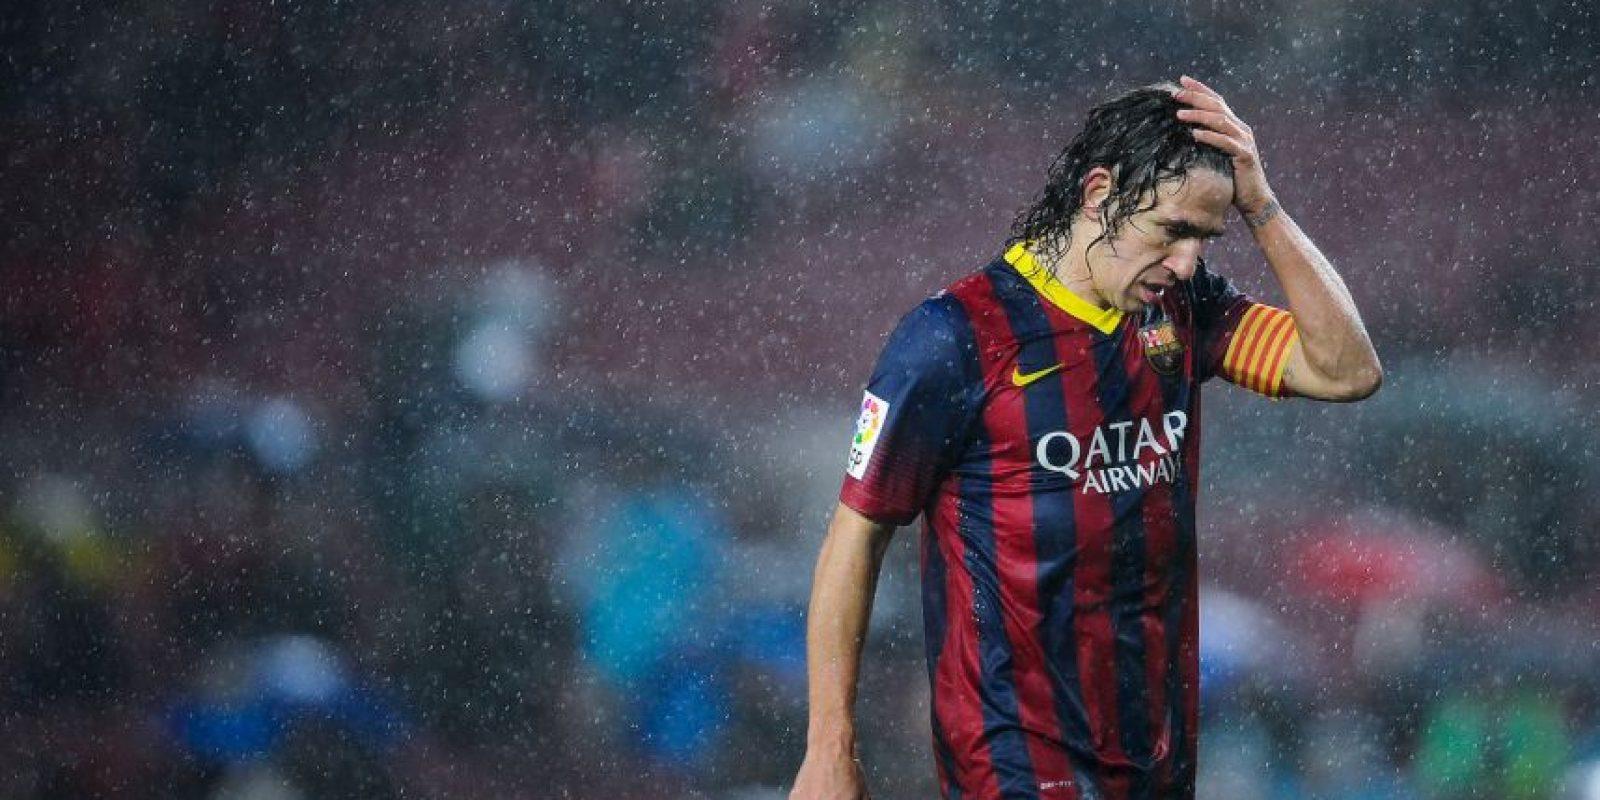 También jugó con la selección de España, donde ganó la Eurocopa 2008 y el Mundial de Sudáfrica 2010. Foto:Getty Images